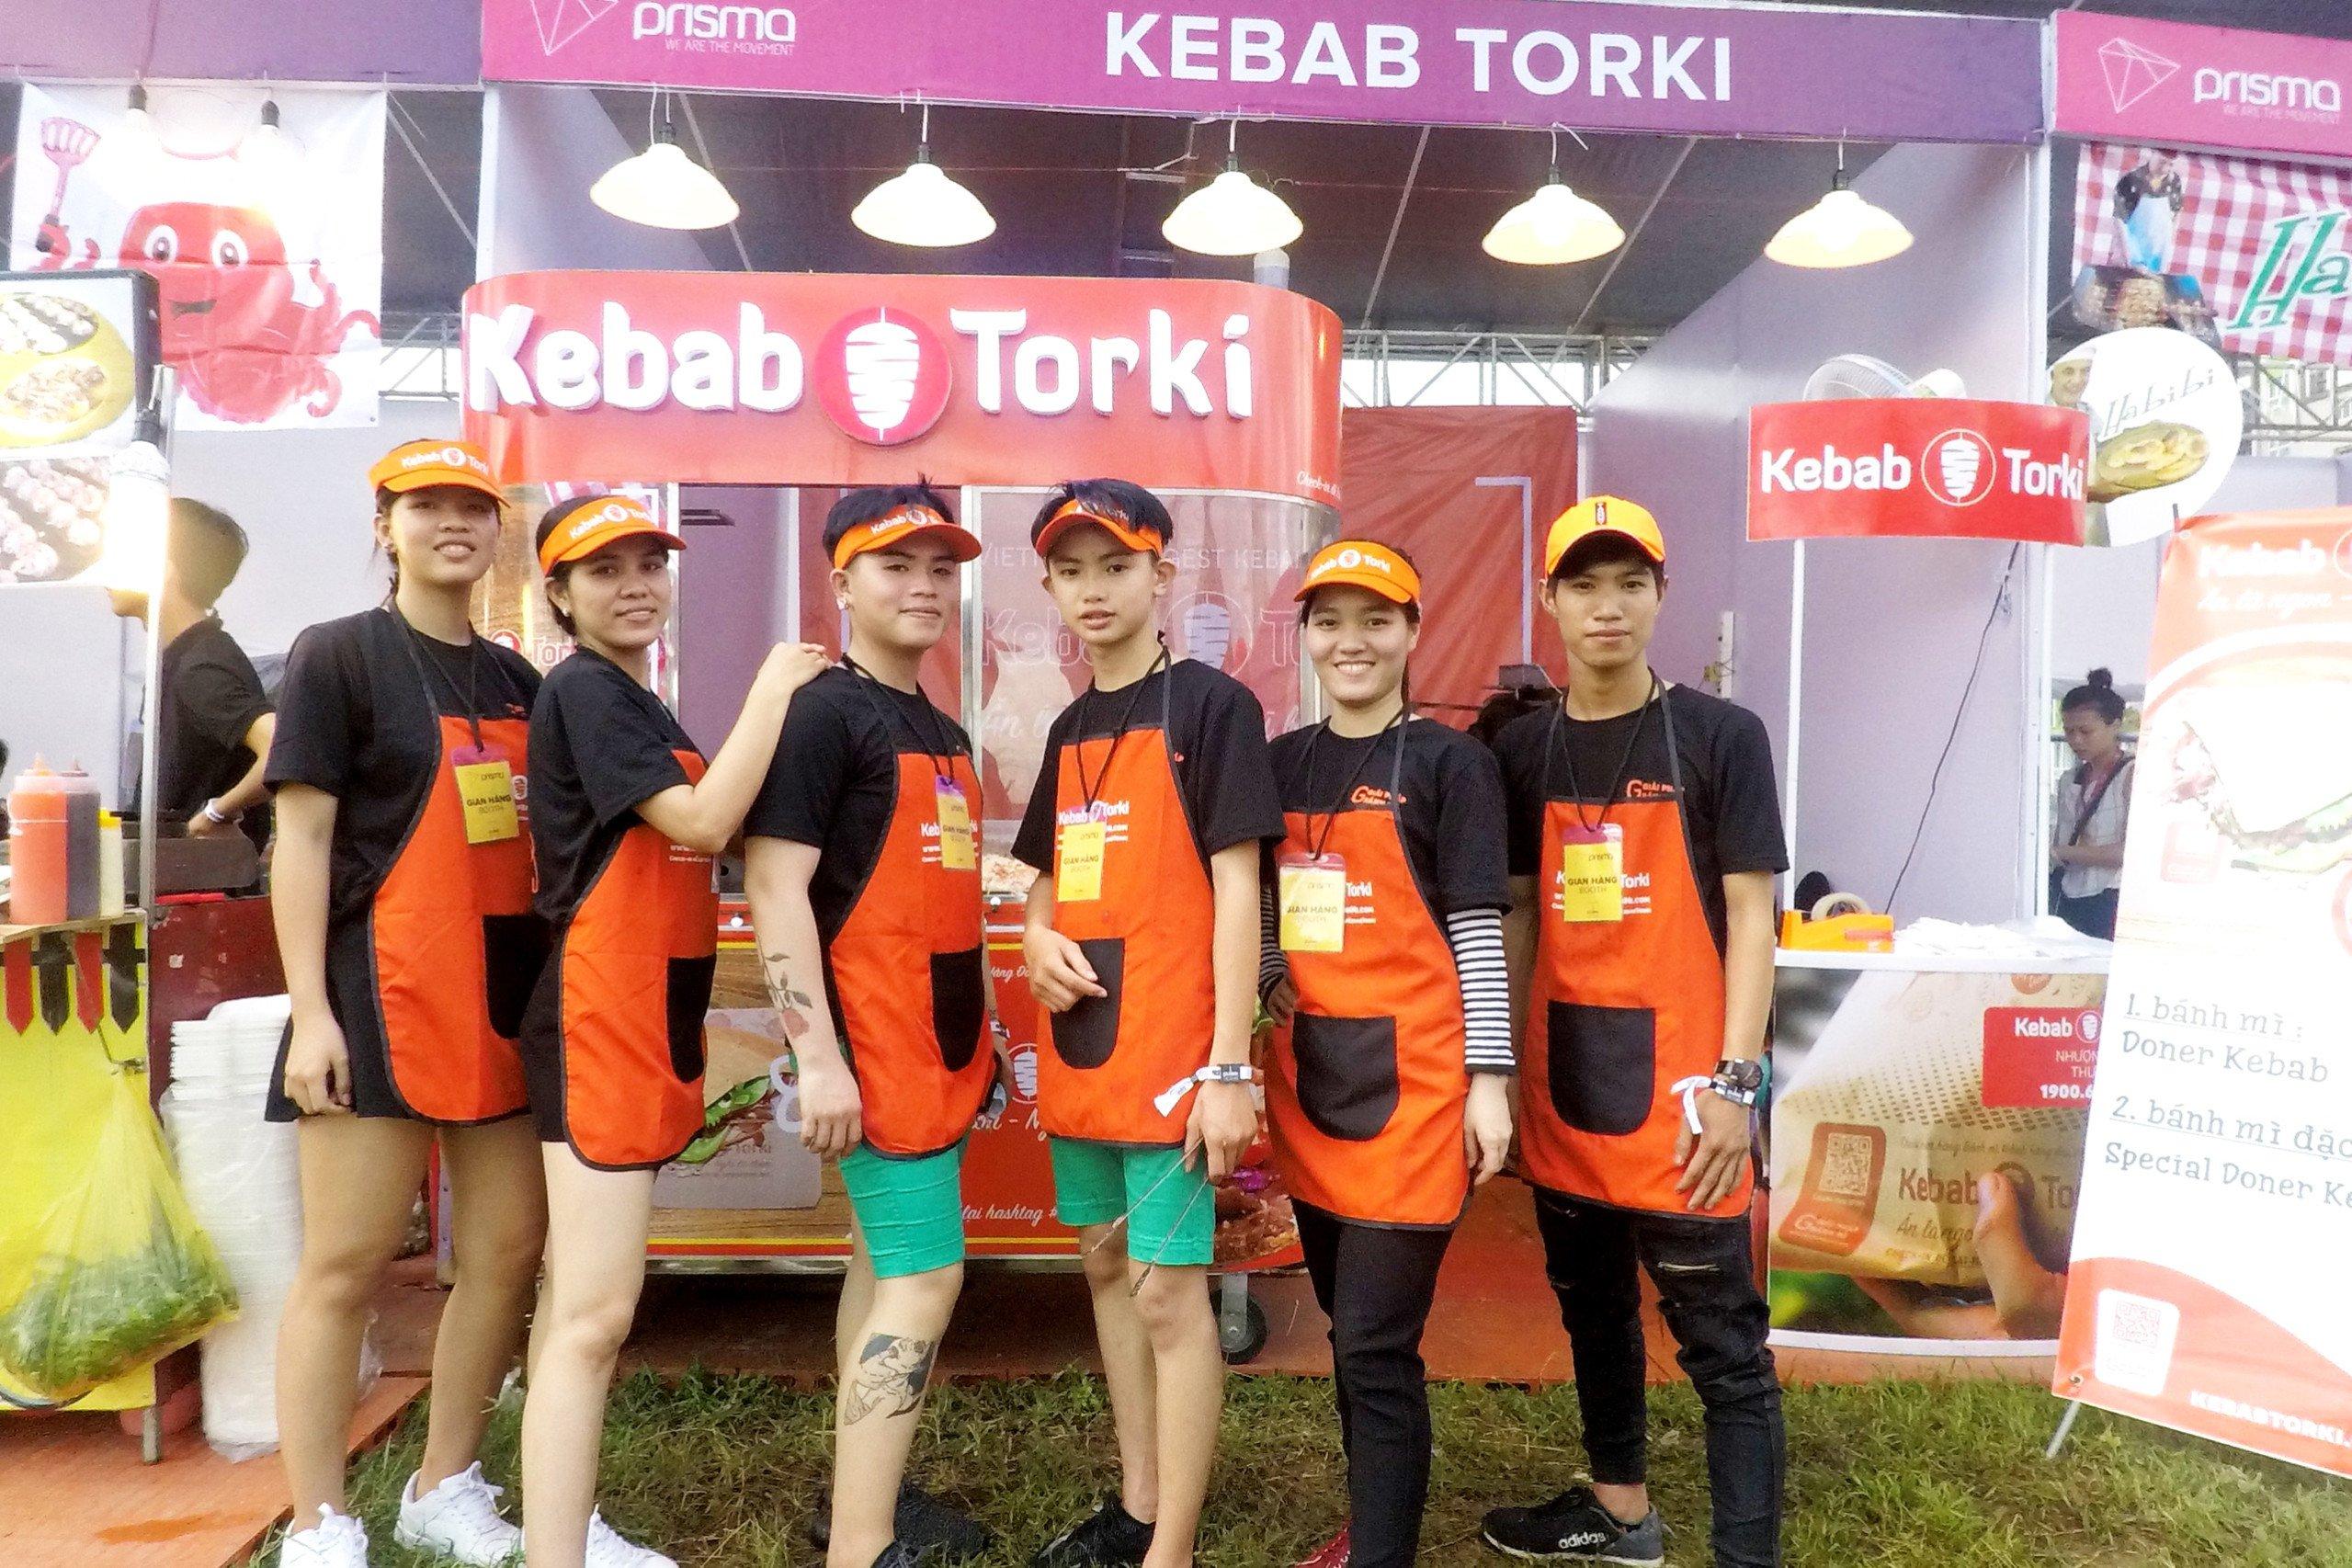 Kebab Torki chất lừ cùng đêm hội Prisma 2017